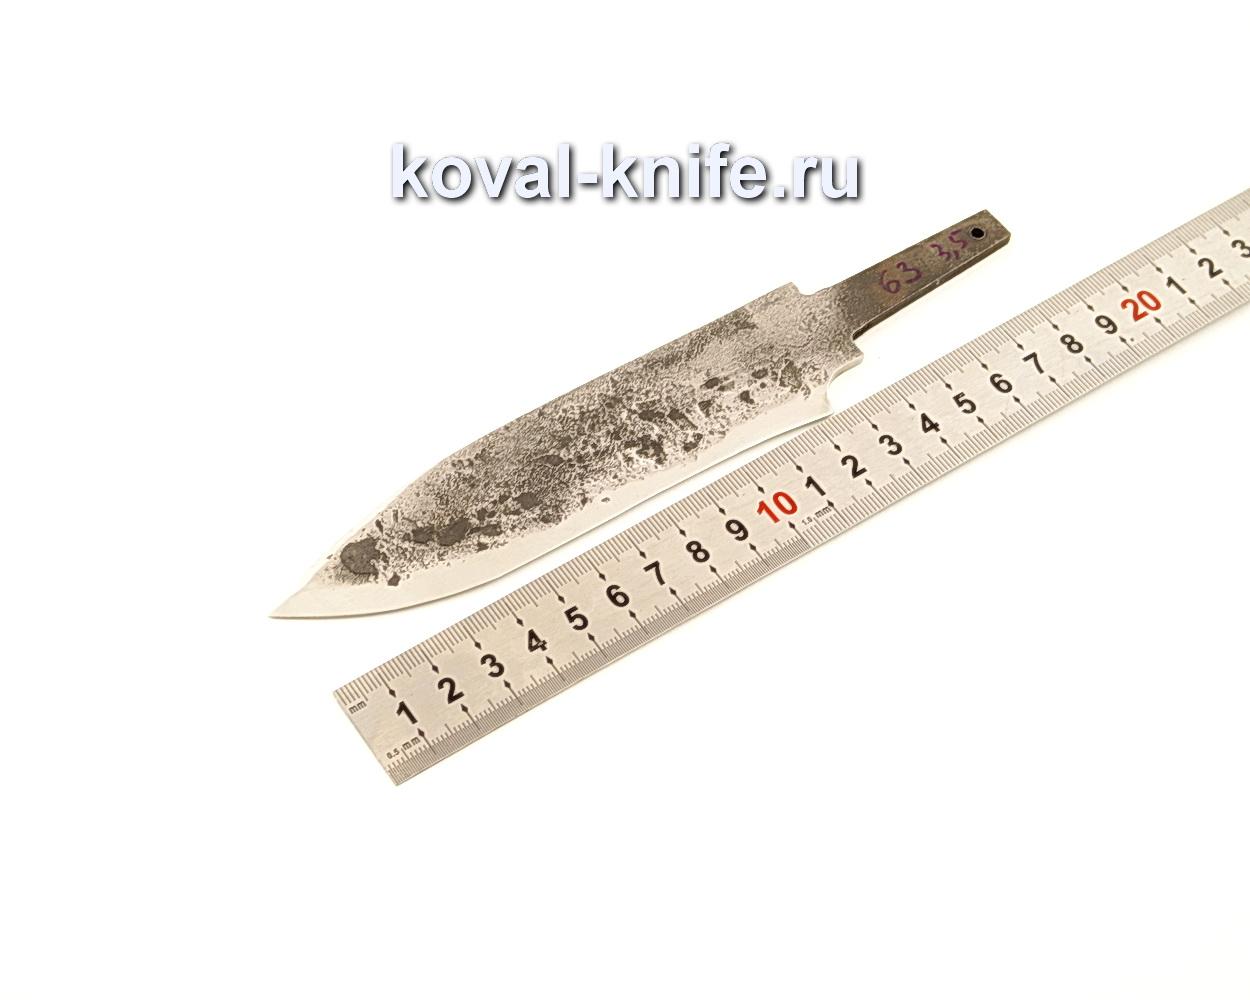 Клинок для ножа из кованой 9ХС  N63